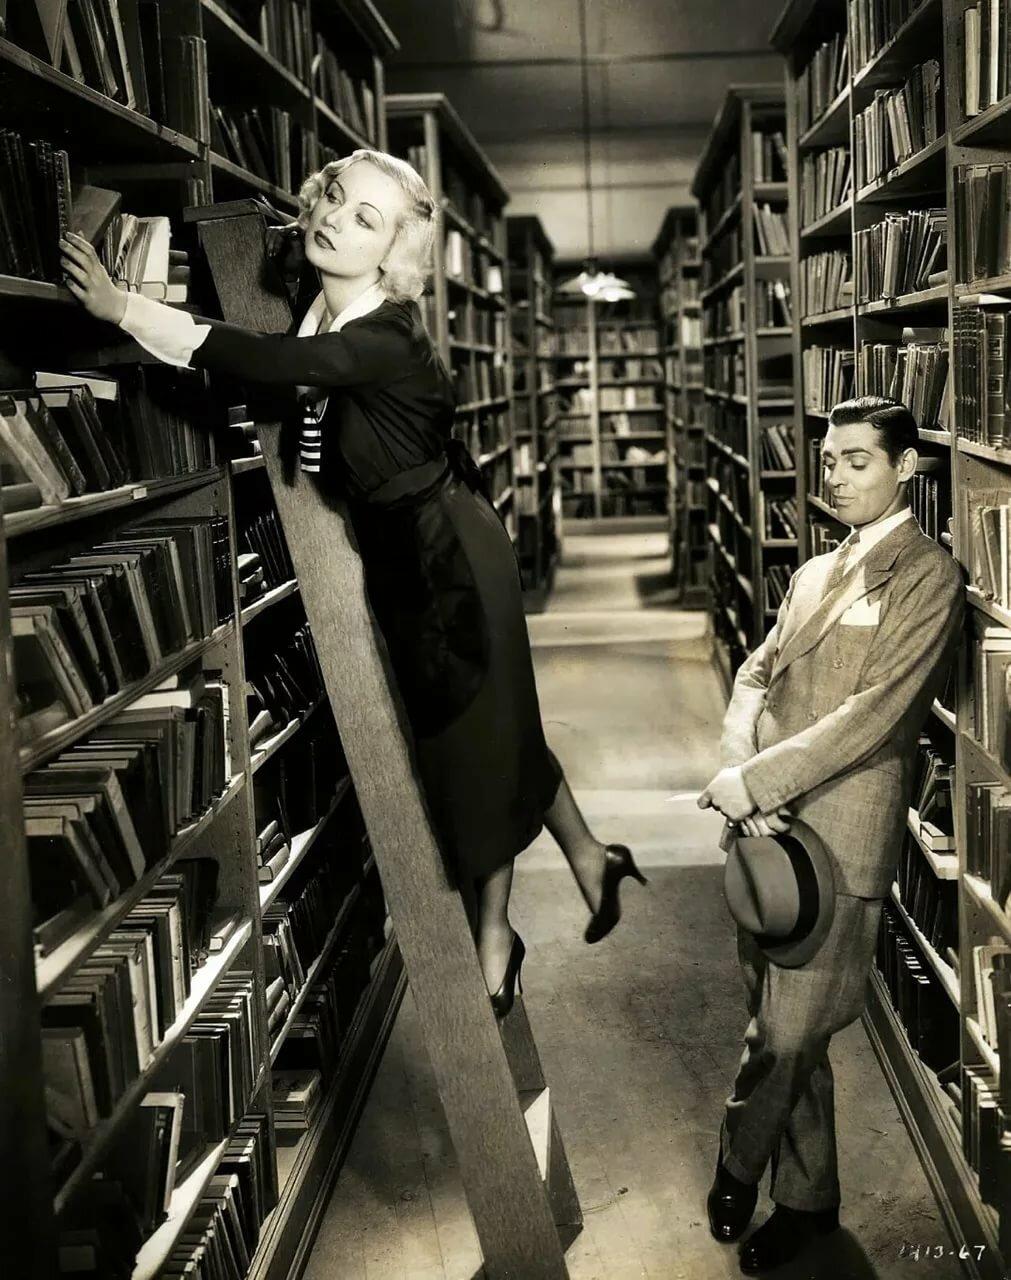 Сестре, прикольные картинки про библиотеку